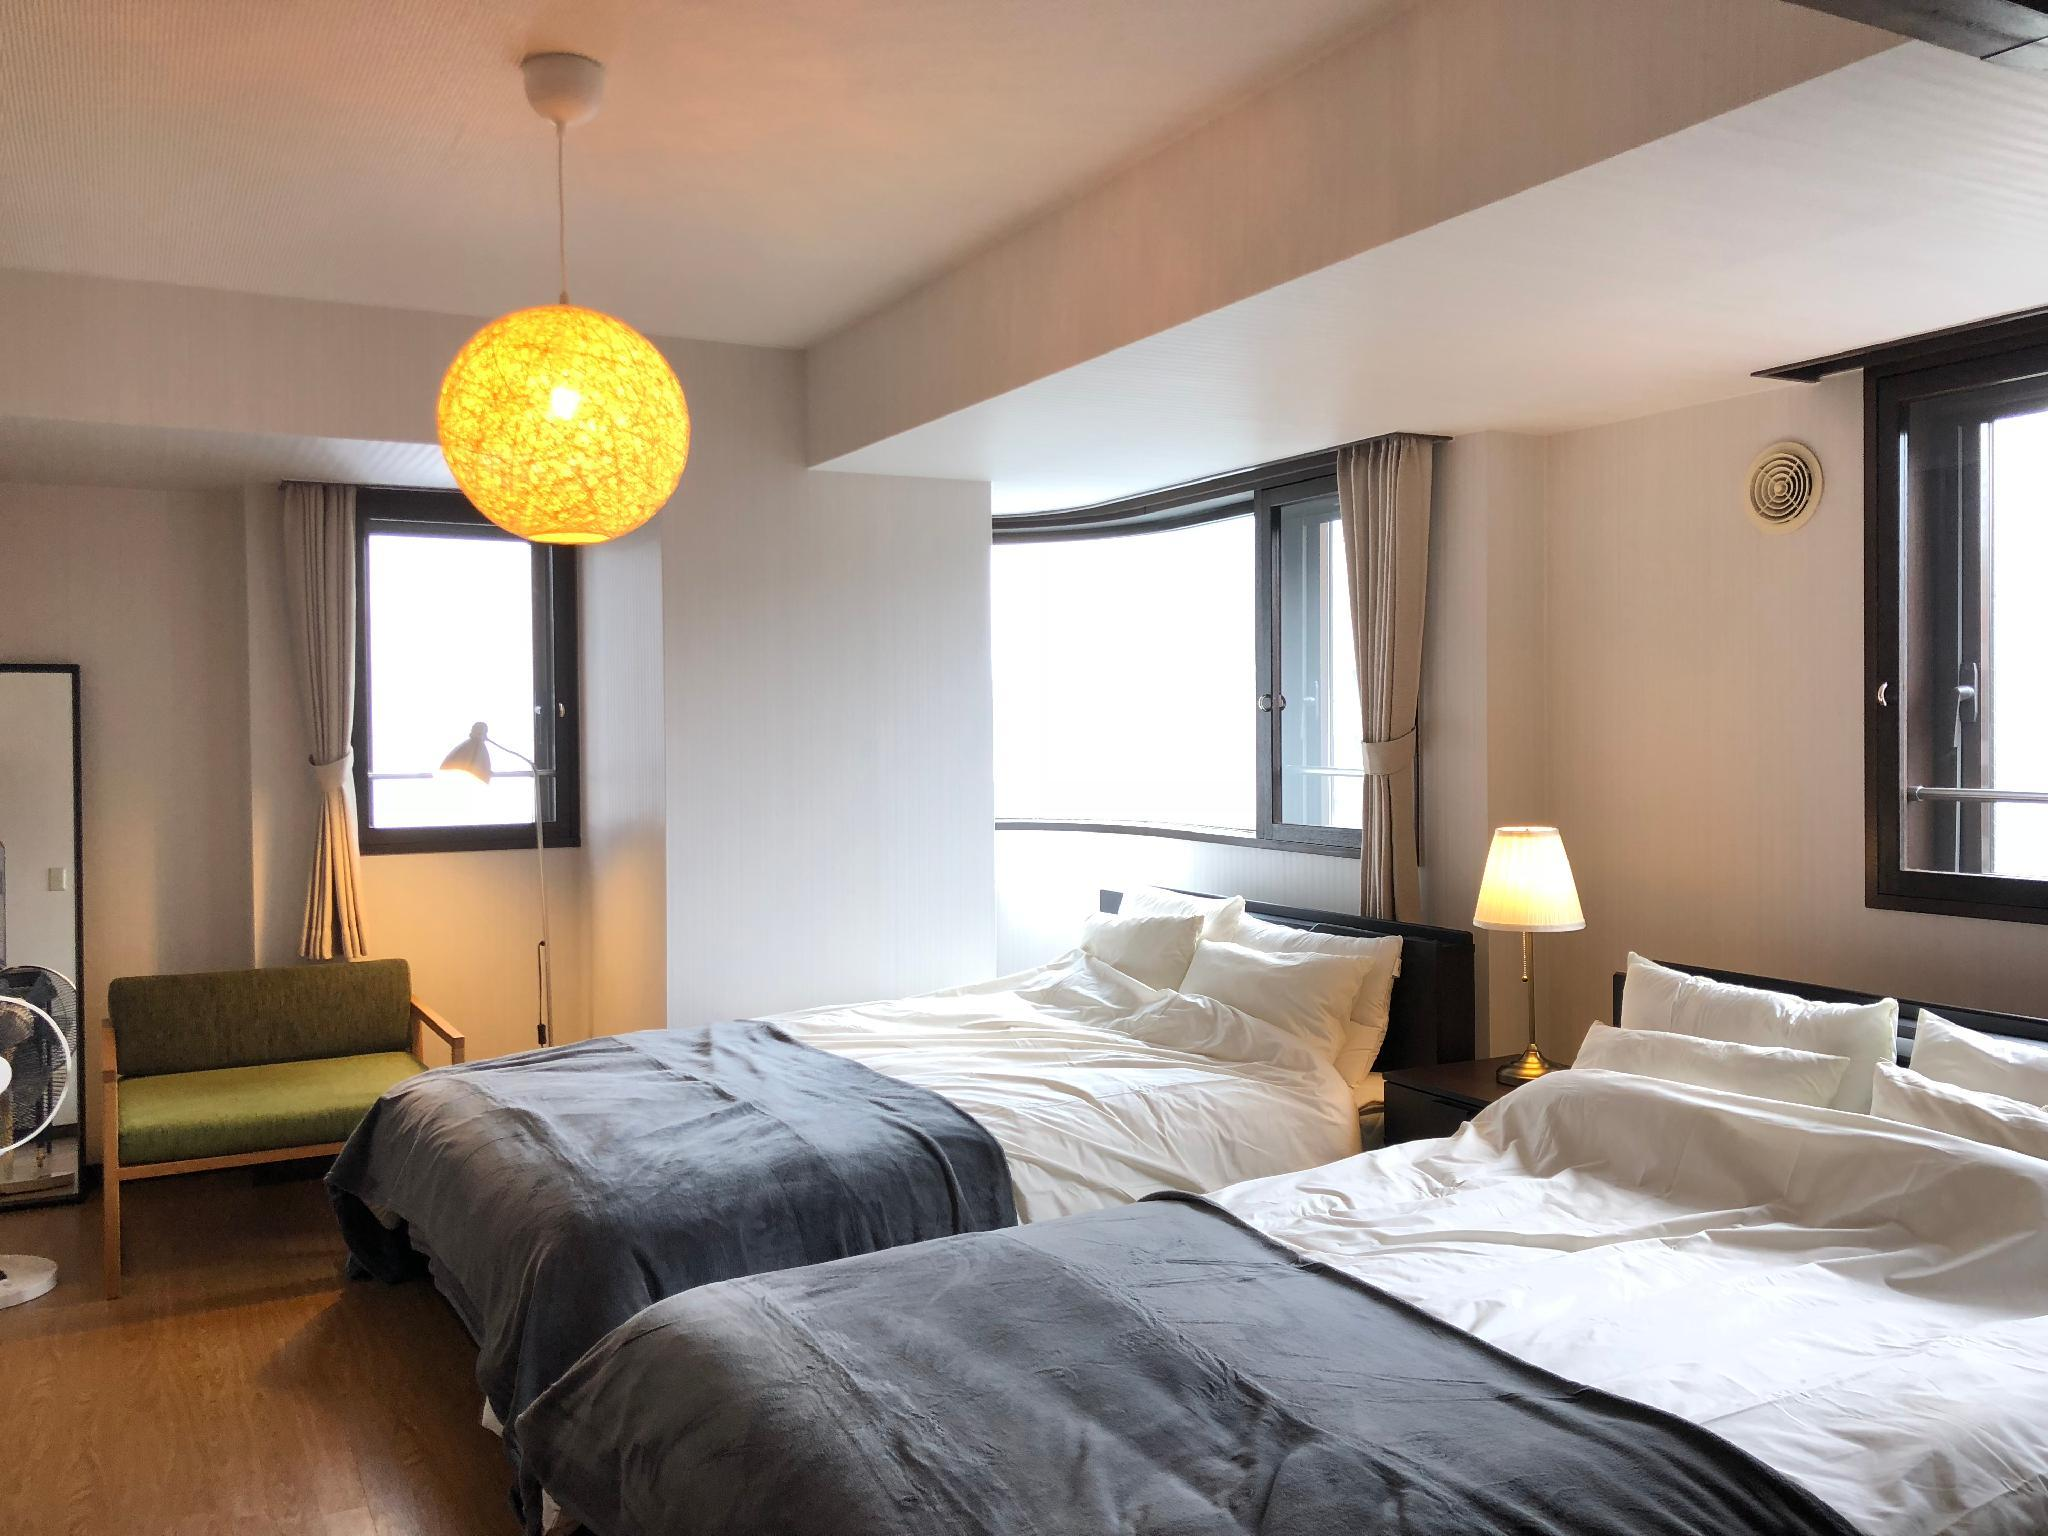 C62 1 Room Apartment In Sapporo